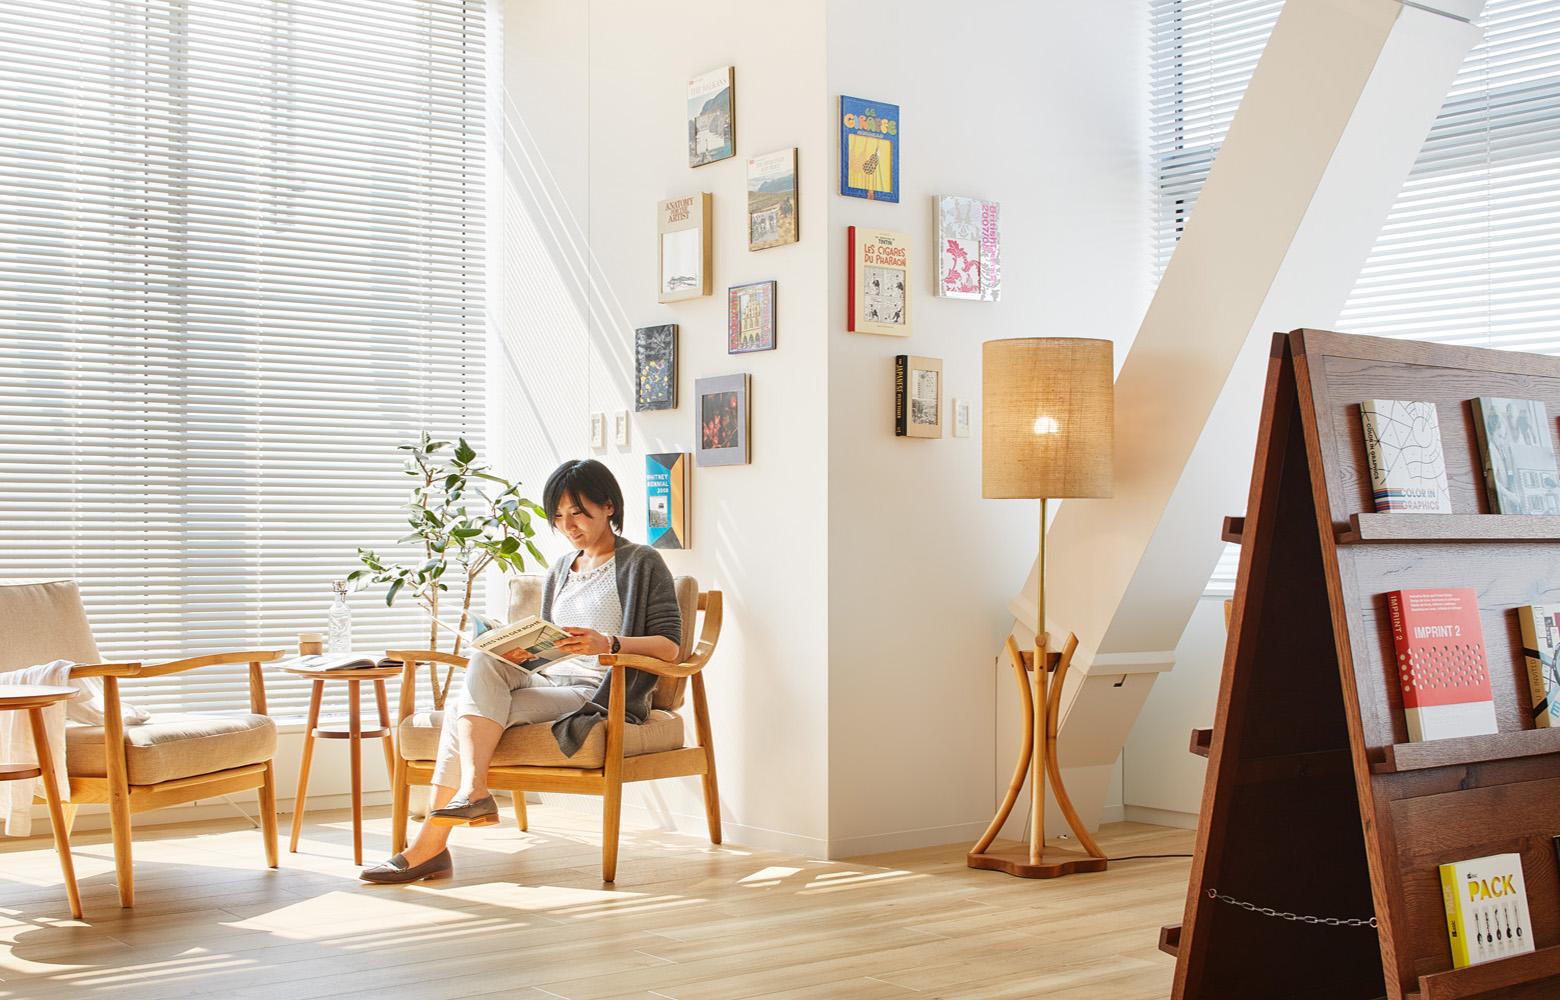 日本クロージャー株式会社 Refresh Space_4 デザイン・レイアウト事例